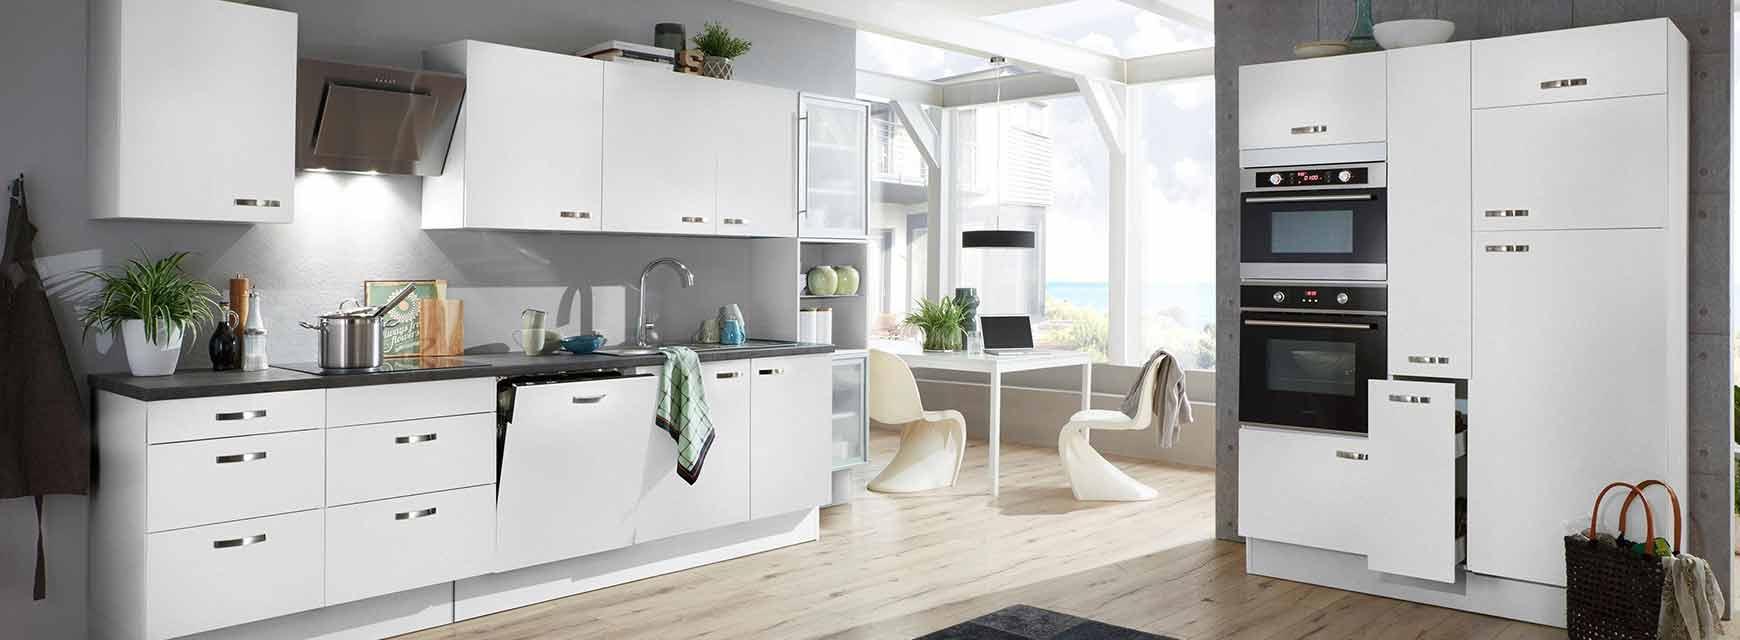 Full Size of  Wohnzimmer Küchenmöbel